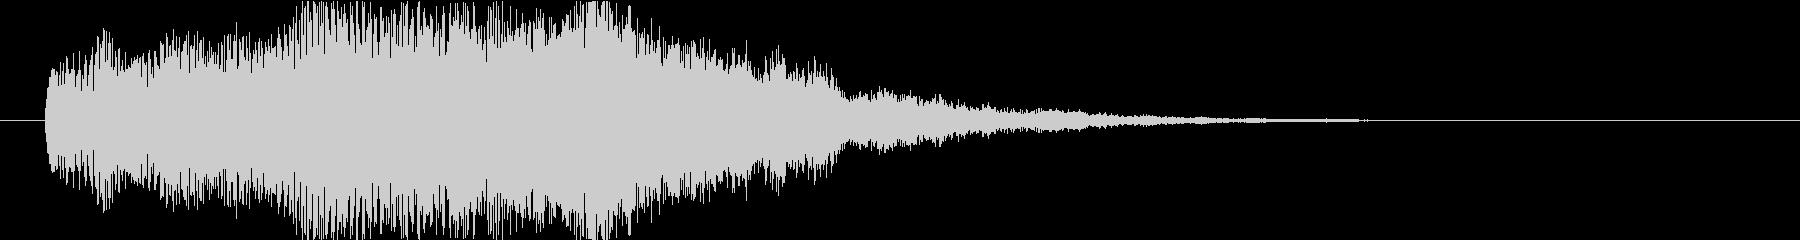 重厚なアンビエント系サウンドロゴの未再生の波形